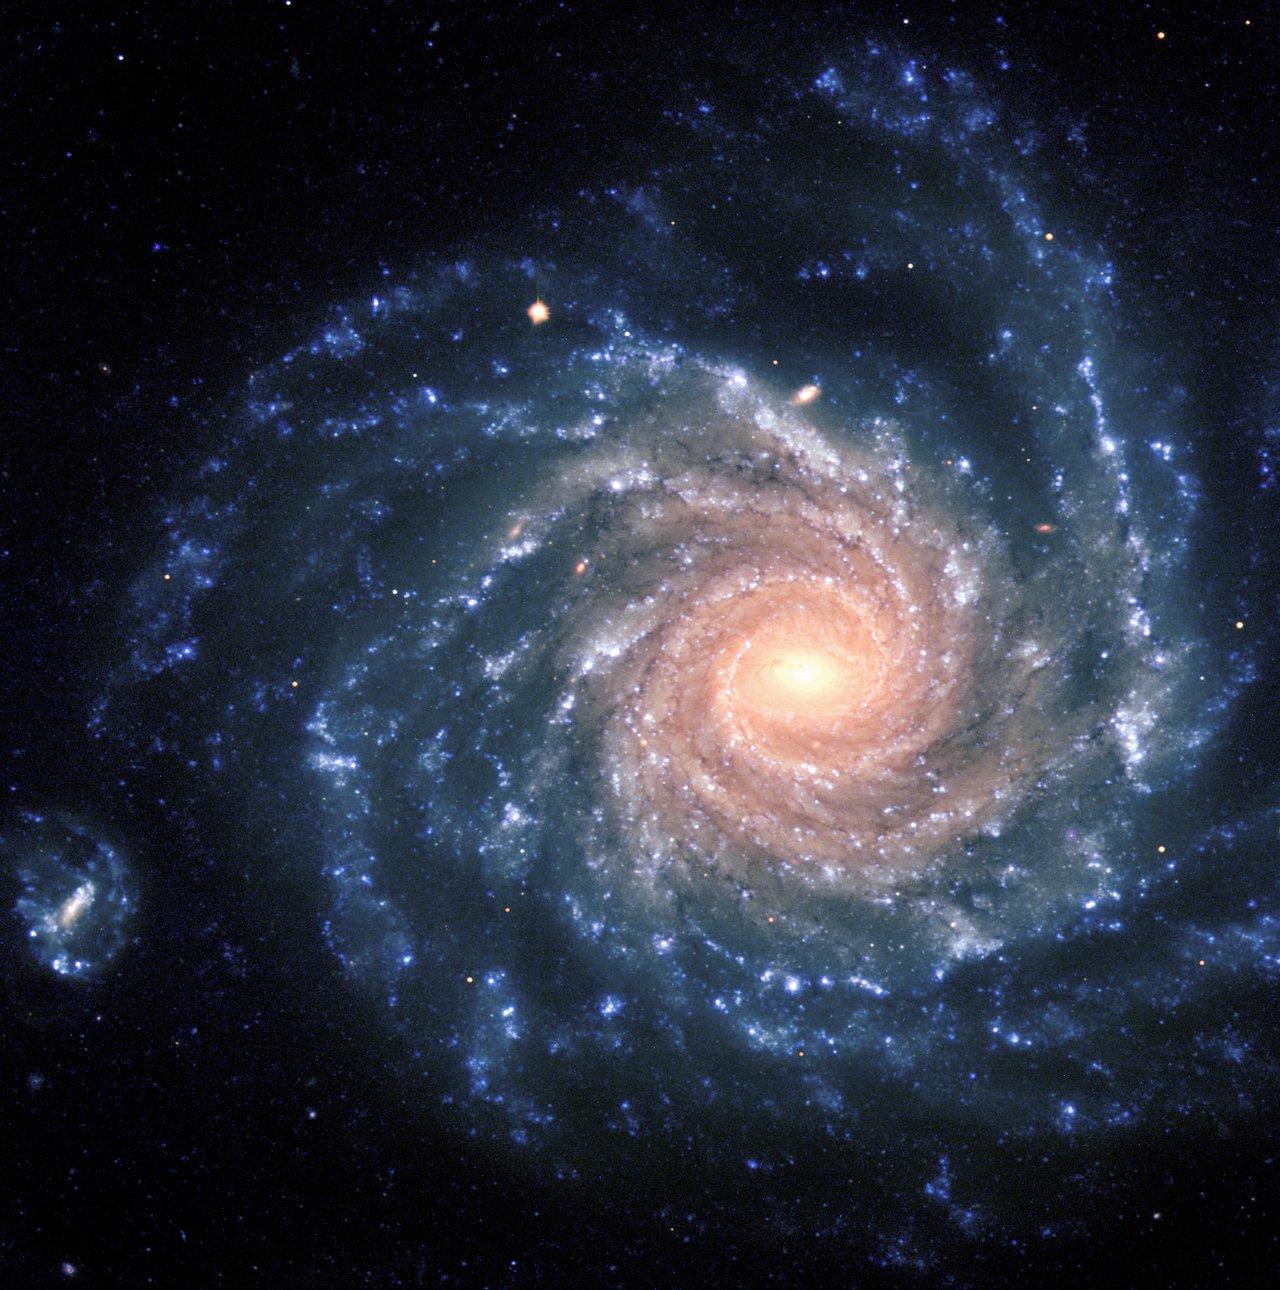 Alles andere als strukturlos: Die Spiralgalaxie NGC 1232. Bild: ESO